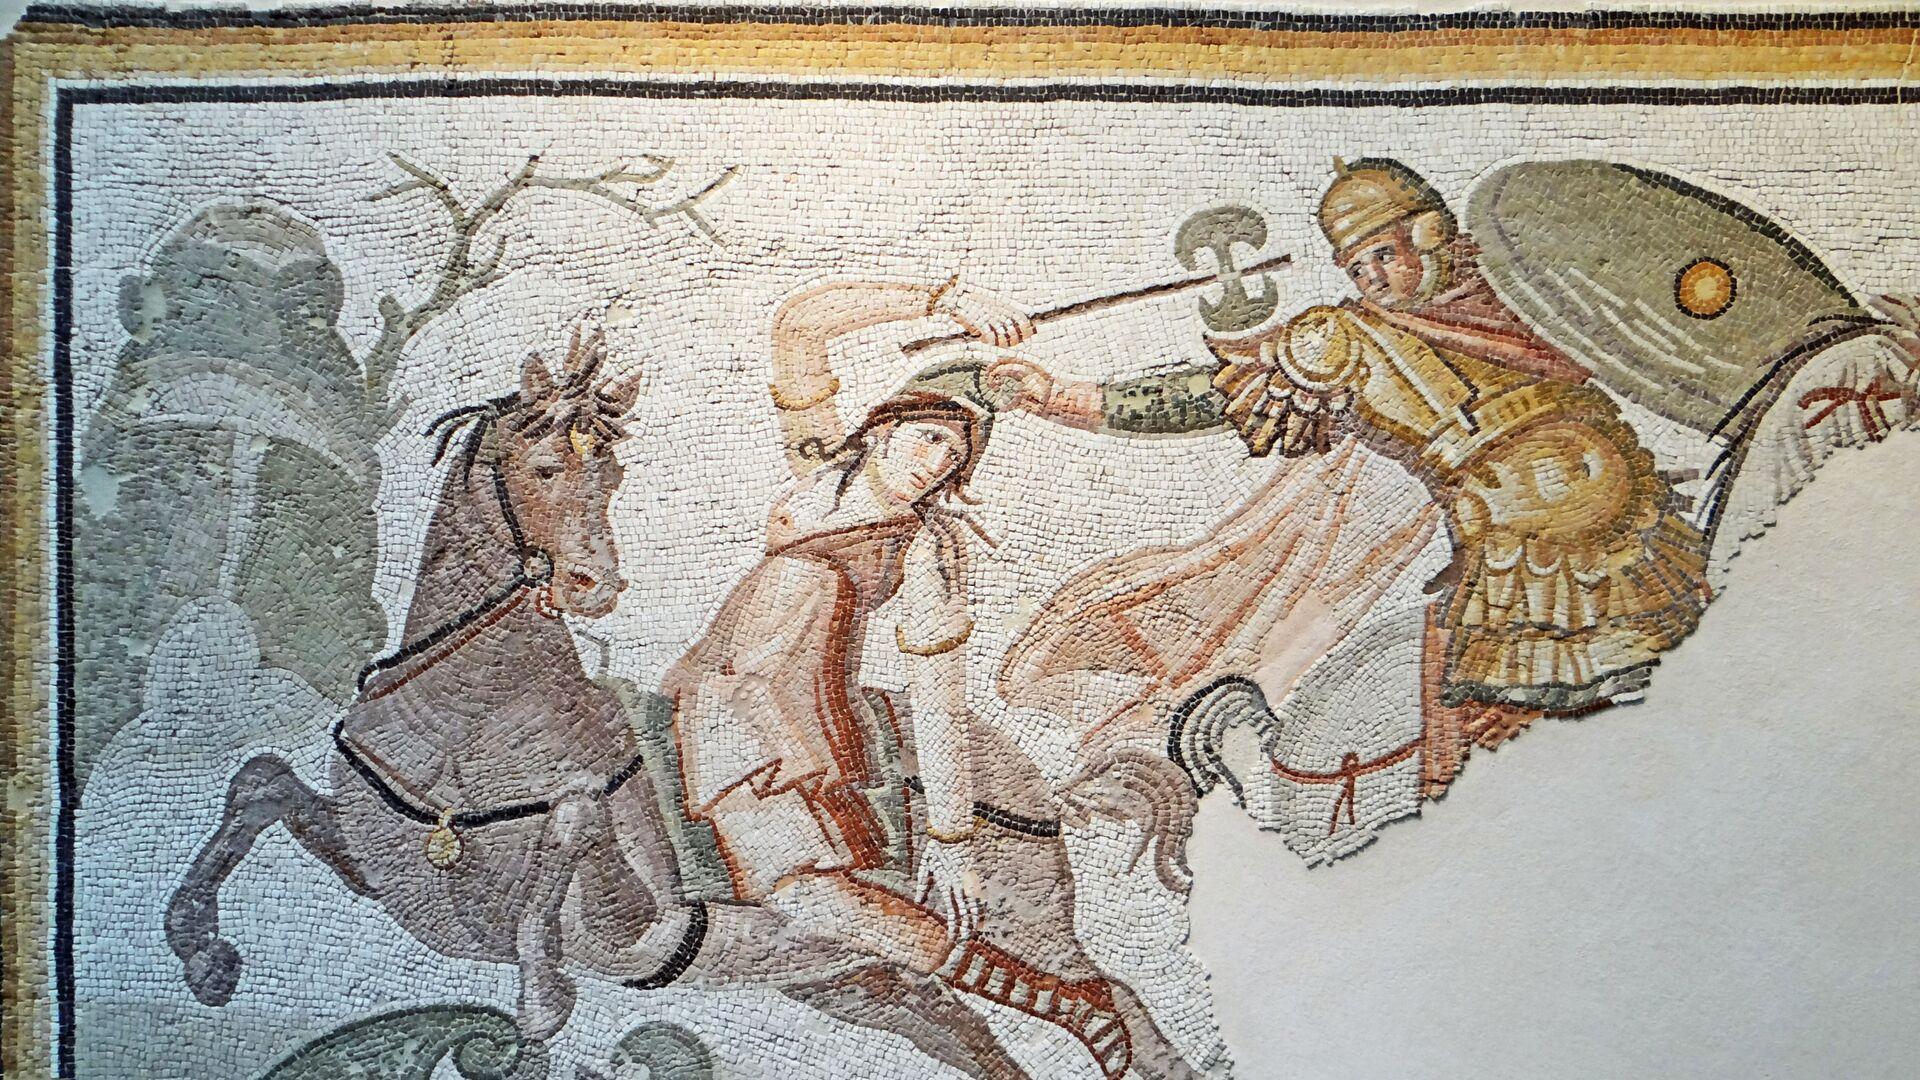 Un mosaico antiguo representando una guerrera amazónica en un combate - Sputnik Mundo, 1920, 07.02.2021